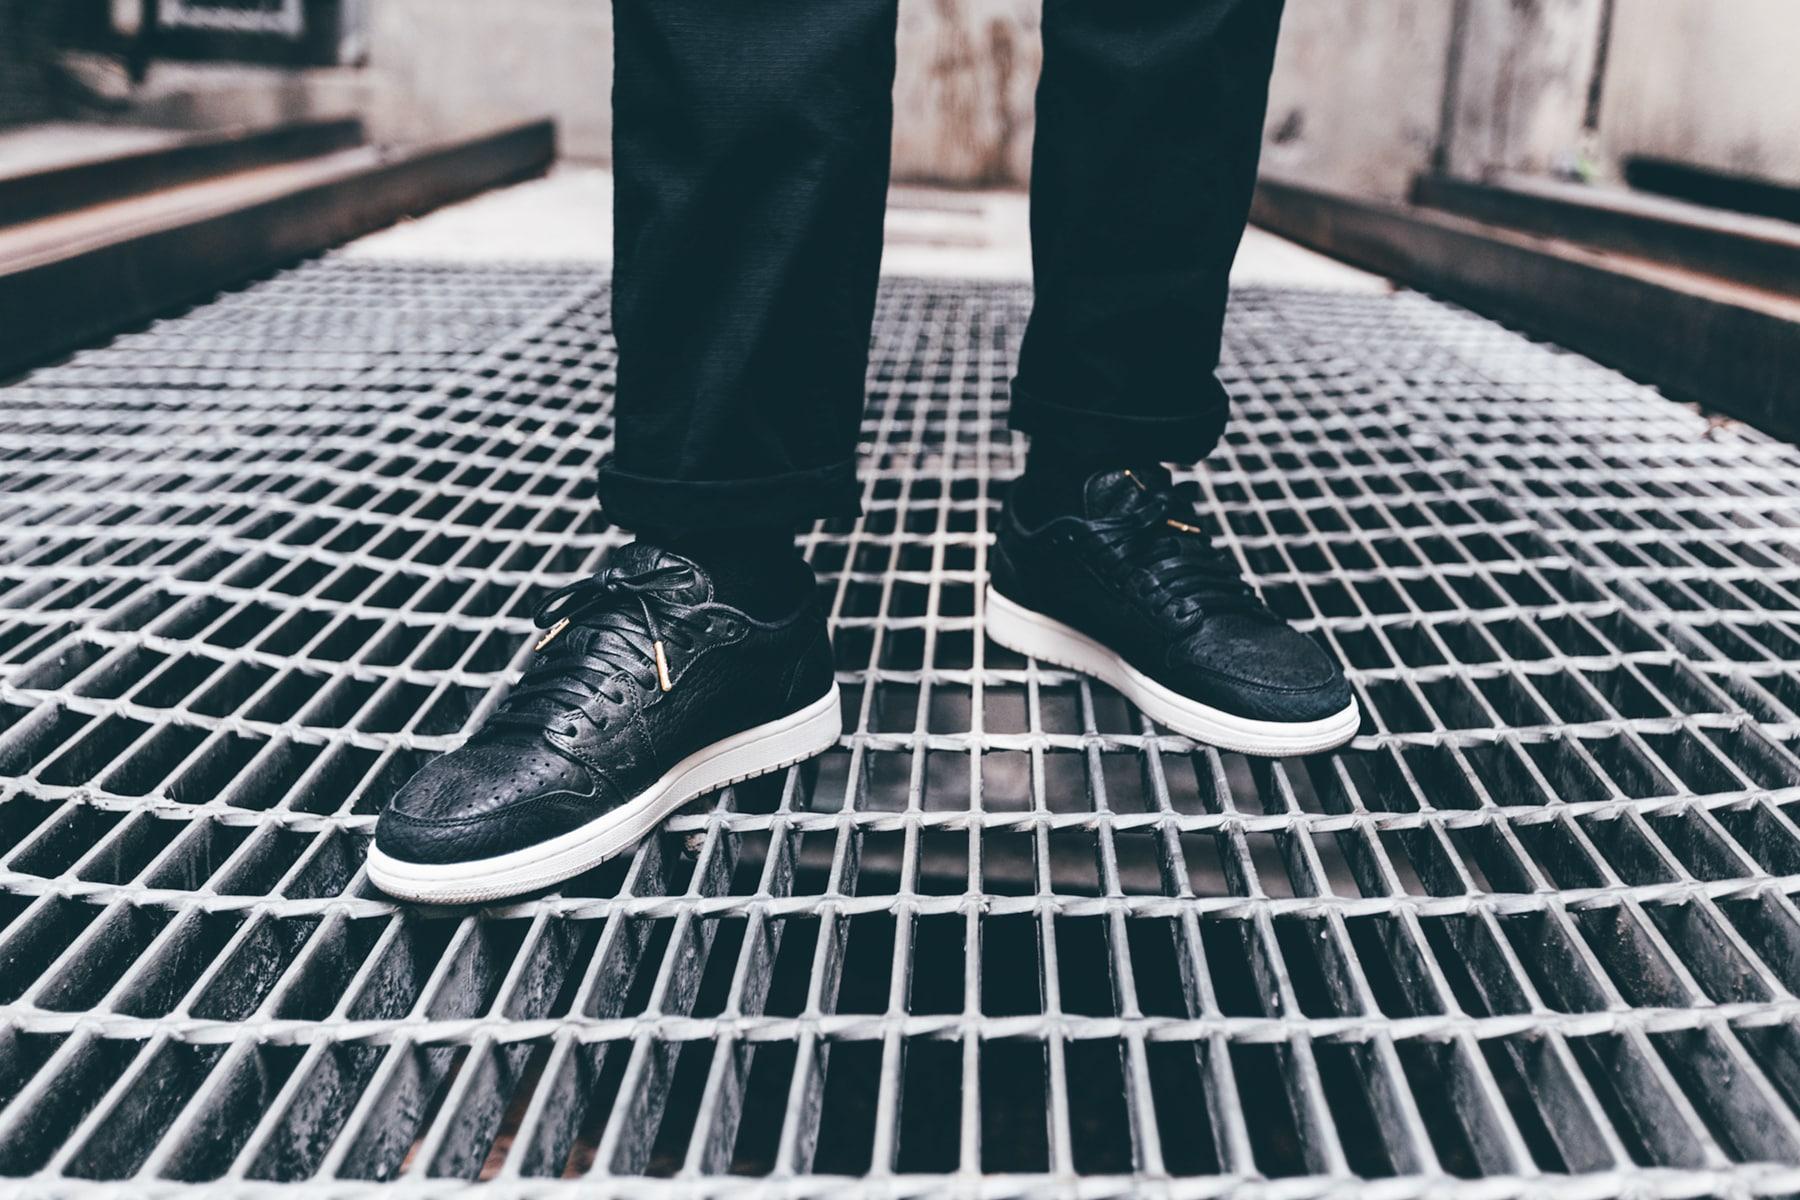 AIR-JORDAN-1-Retro-Low-NS-Nike-Black-Noir-Noire-848775-005-Exclu-Exclusivité-effronté-sneakers-basket-01-min